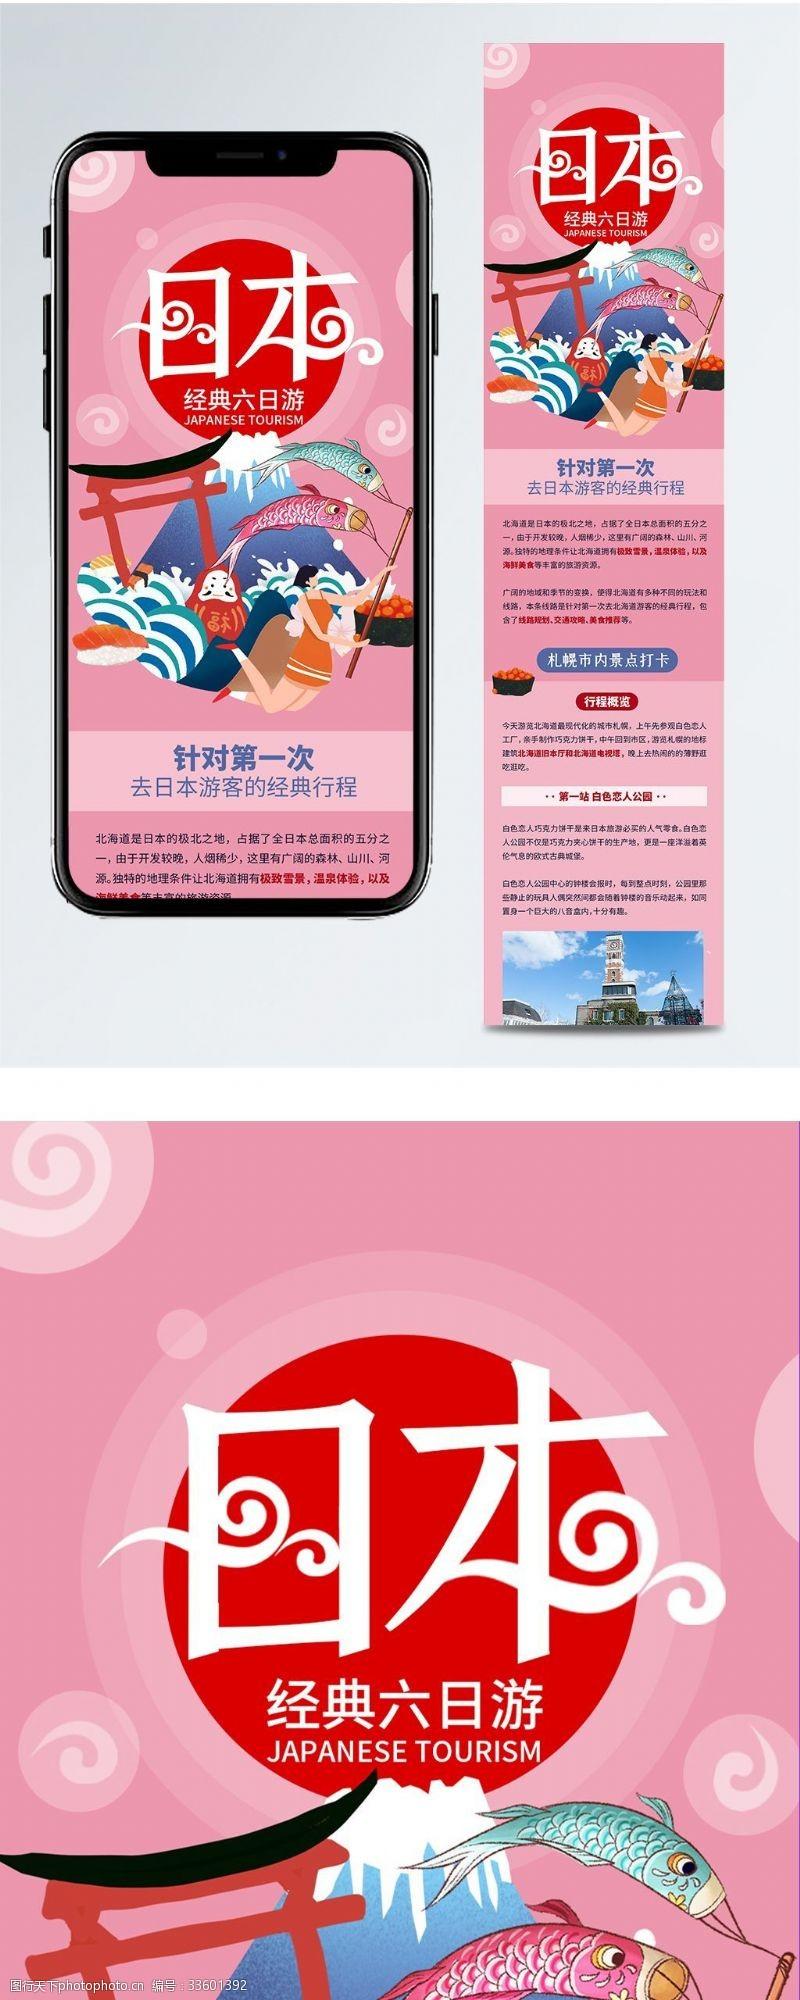 手机微信配图日本旅游攻略鲤鱼旗信息长图